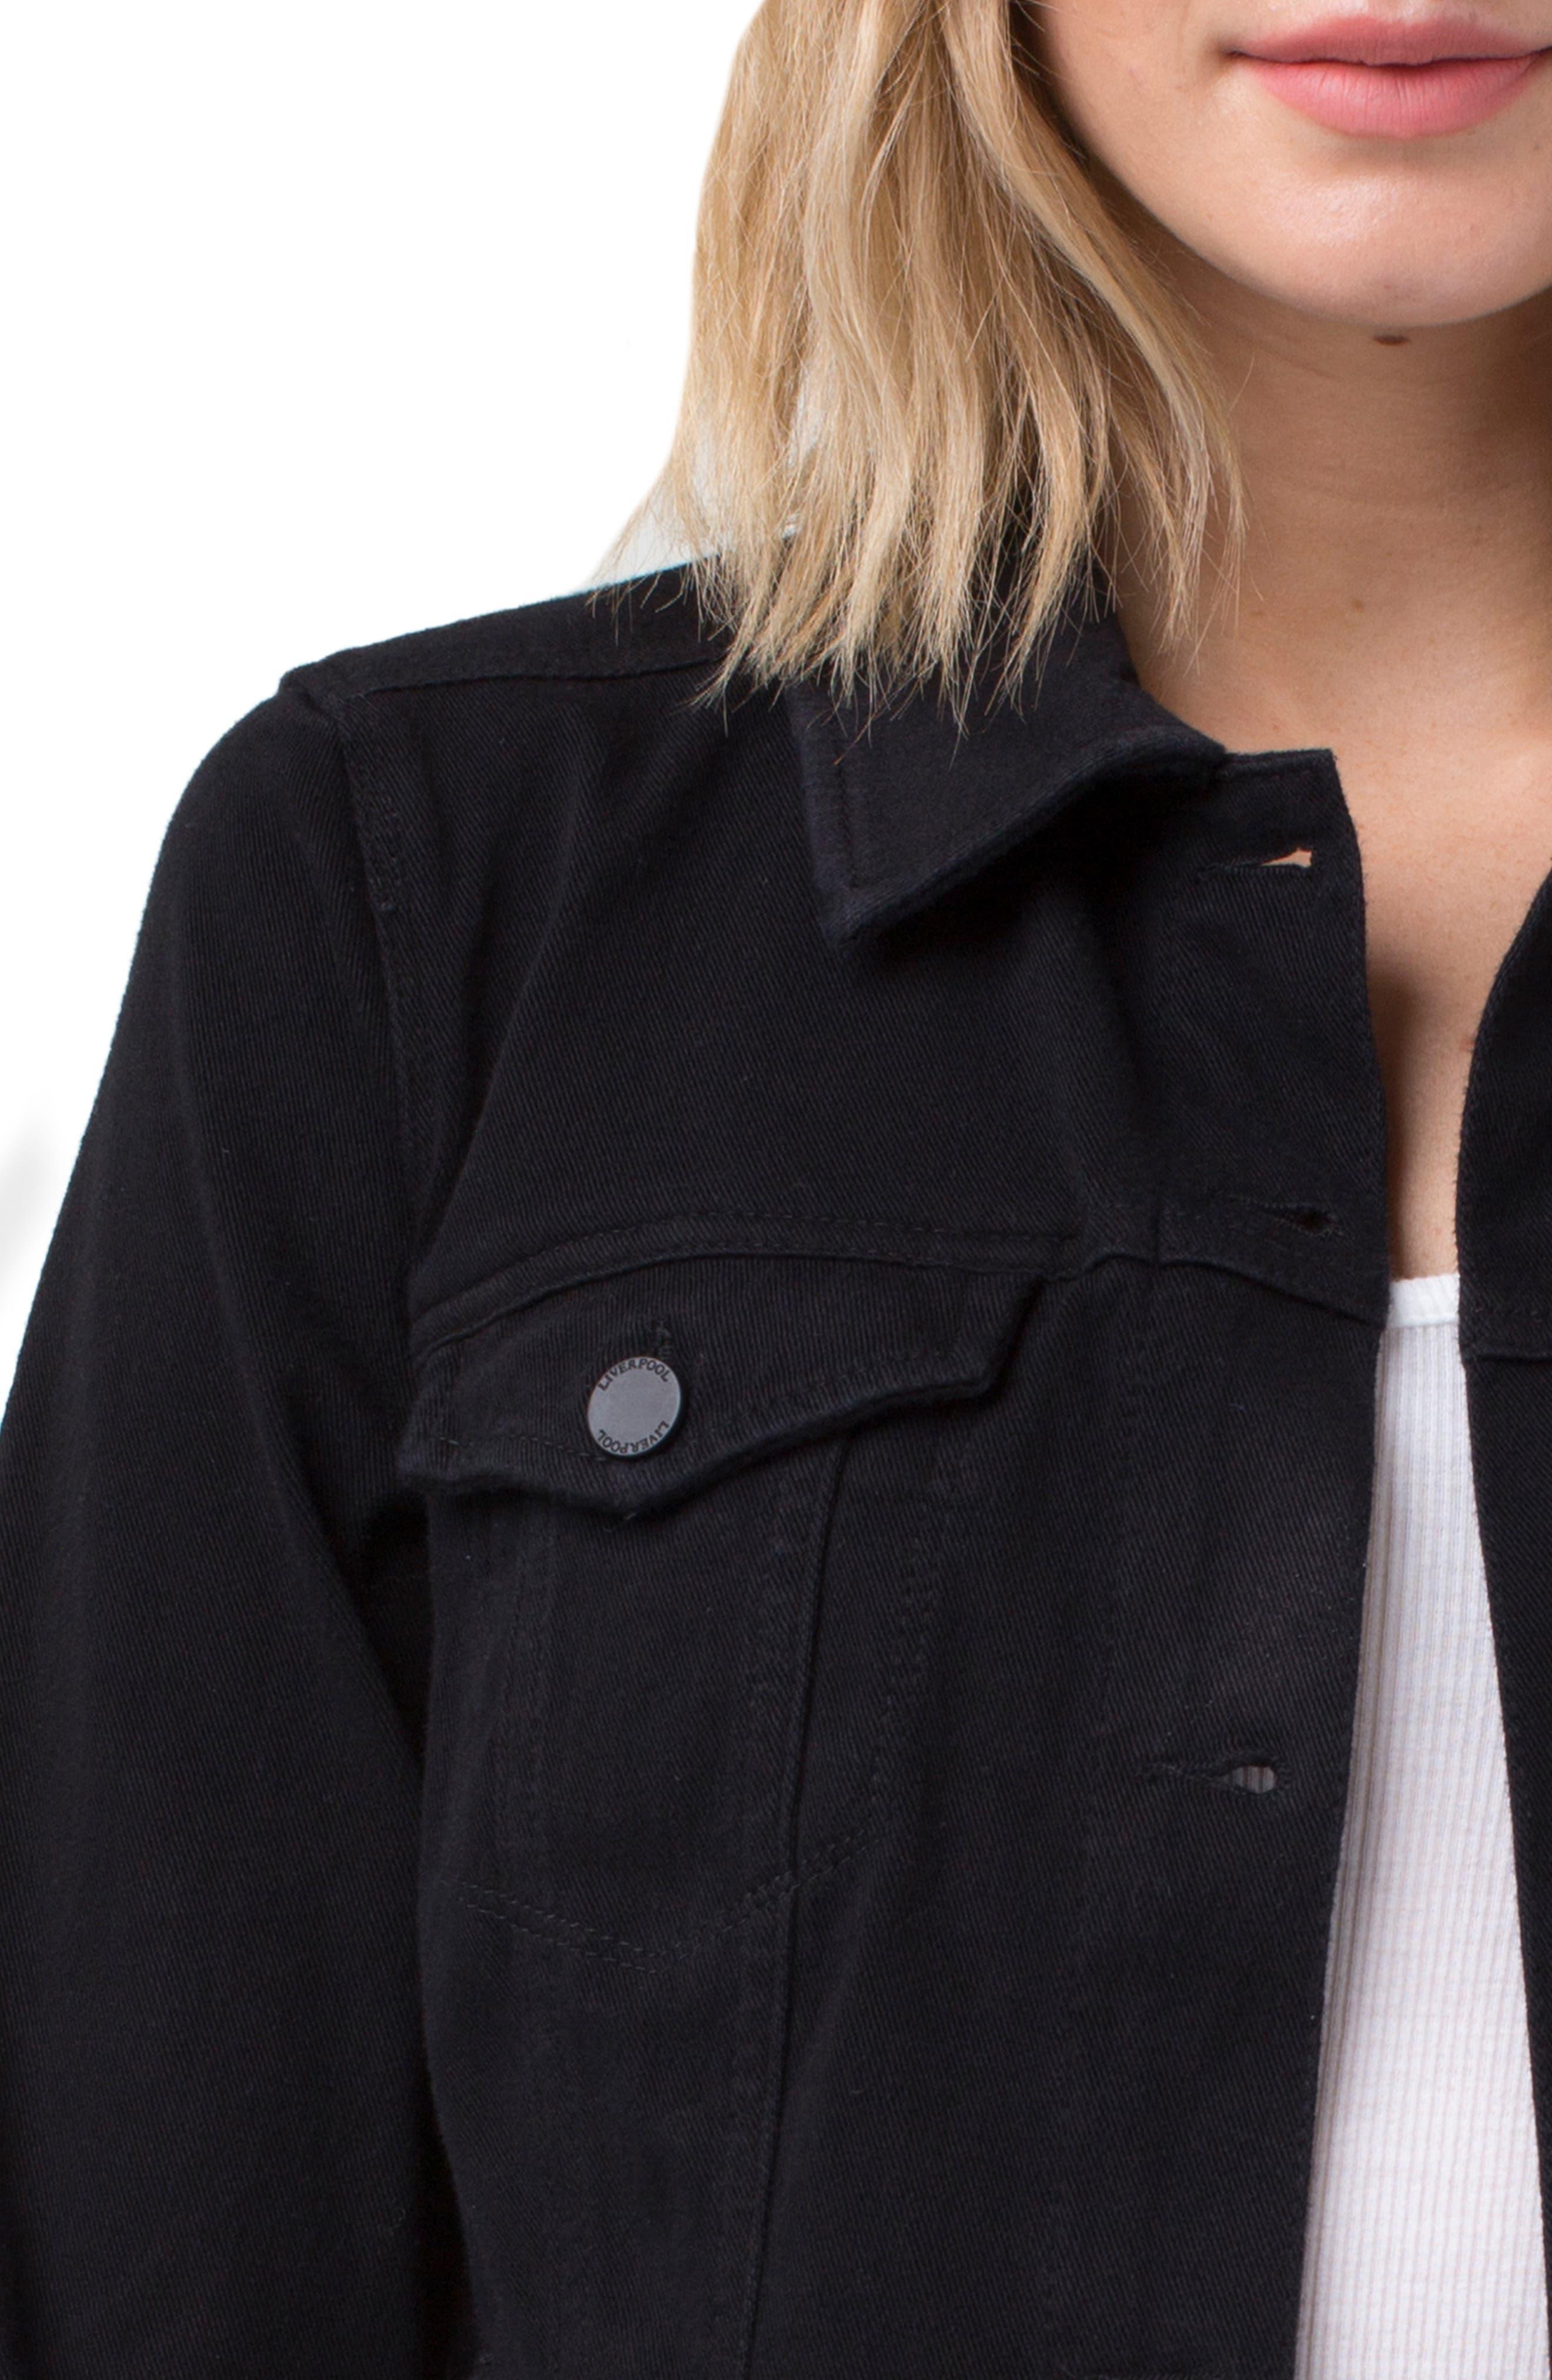 Jeans Co. Knit Denim Jacket,                             Alternate thumbnail 5, color,                             001